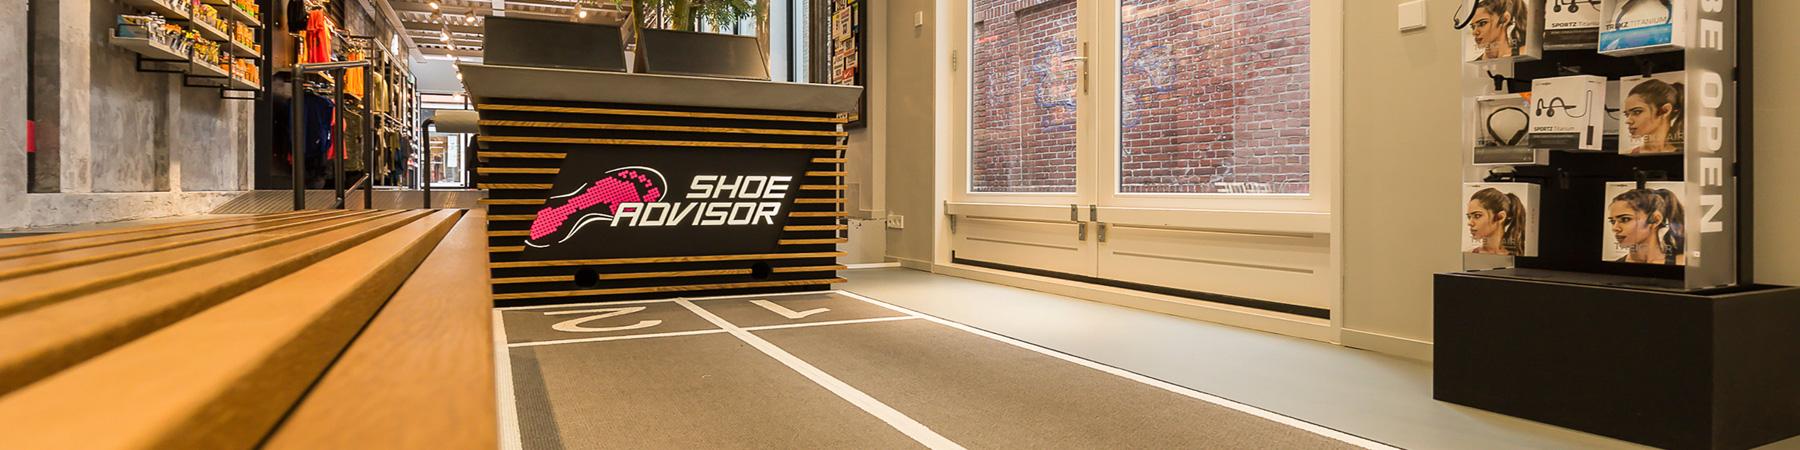 All4running Shoe Advisor